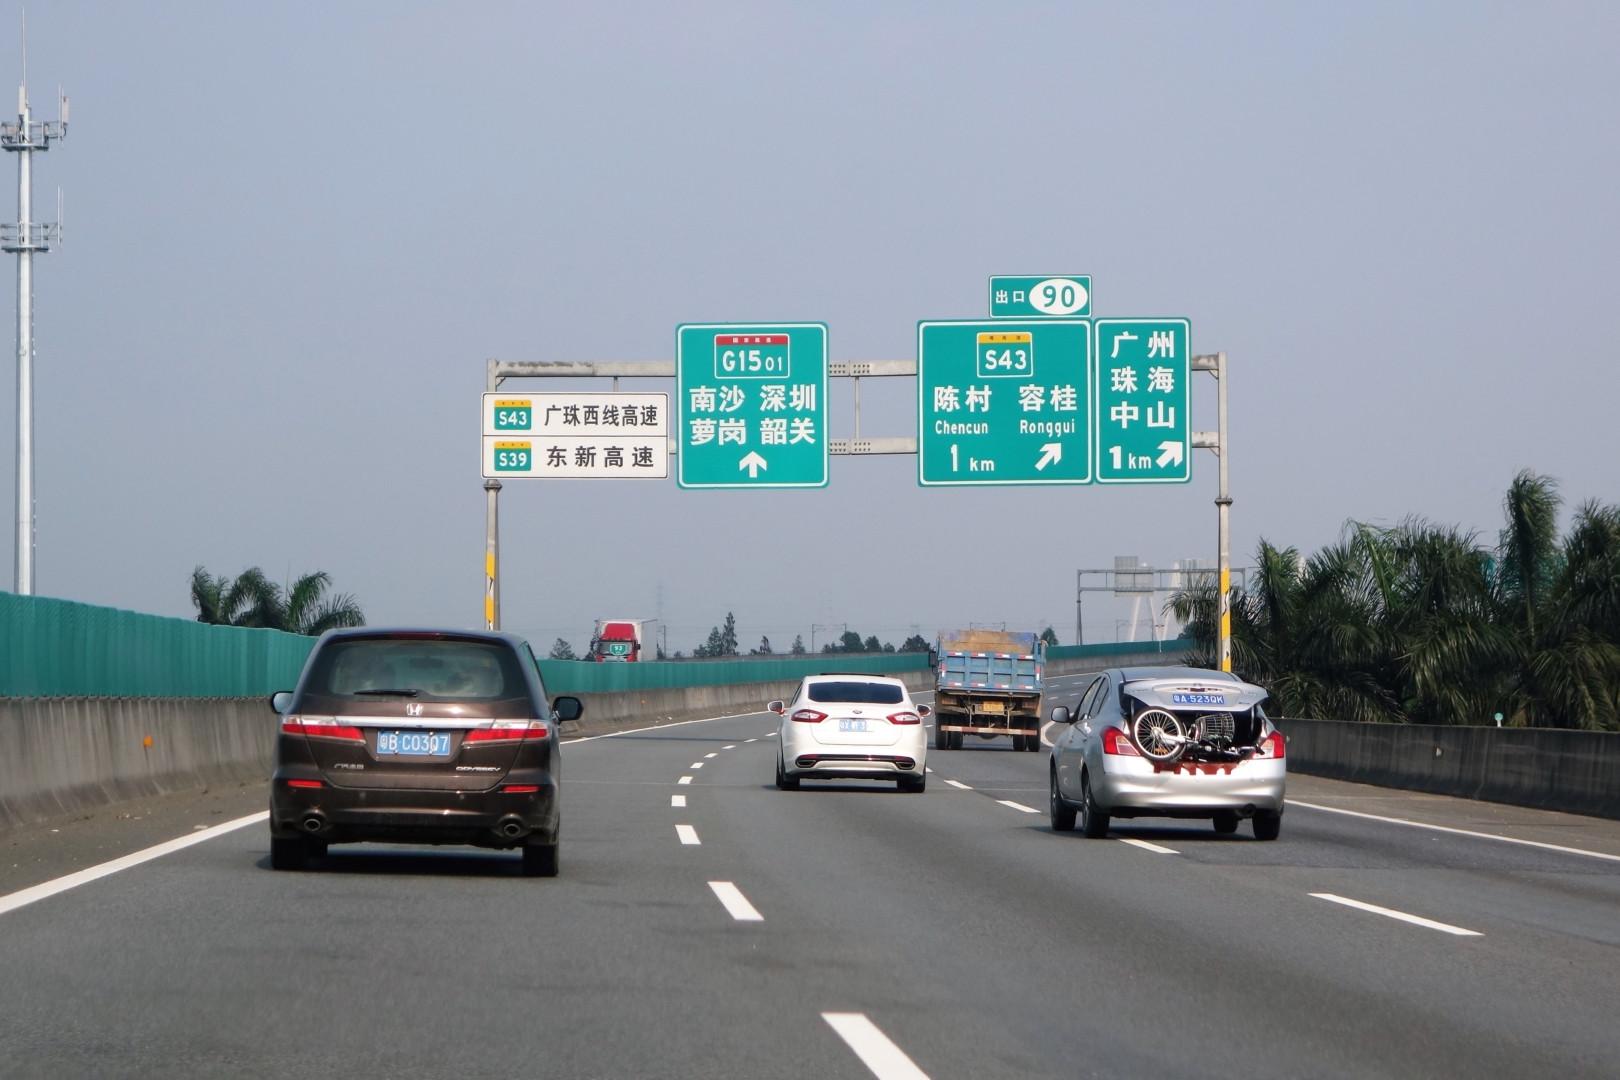 大灣區的公路基建,令城市間的距離大大縮短。